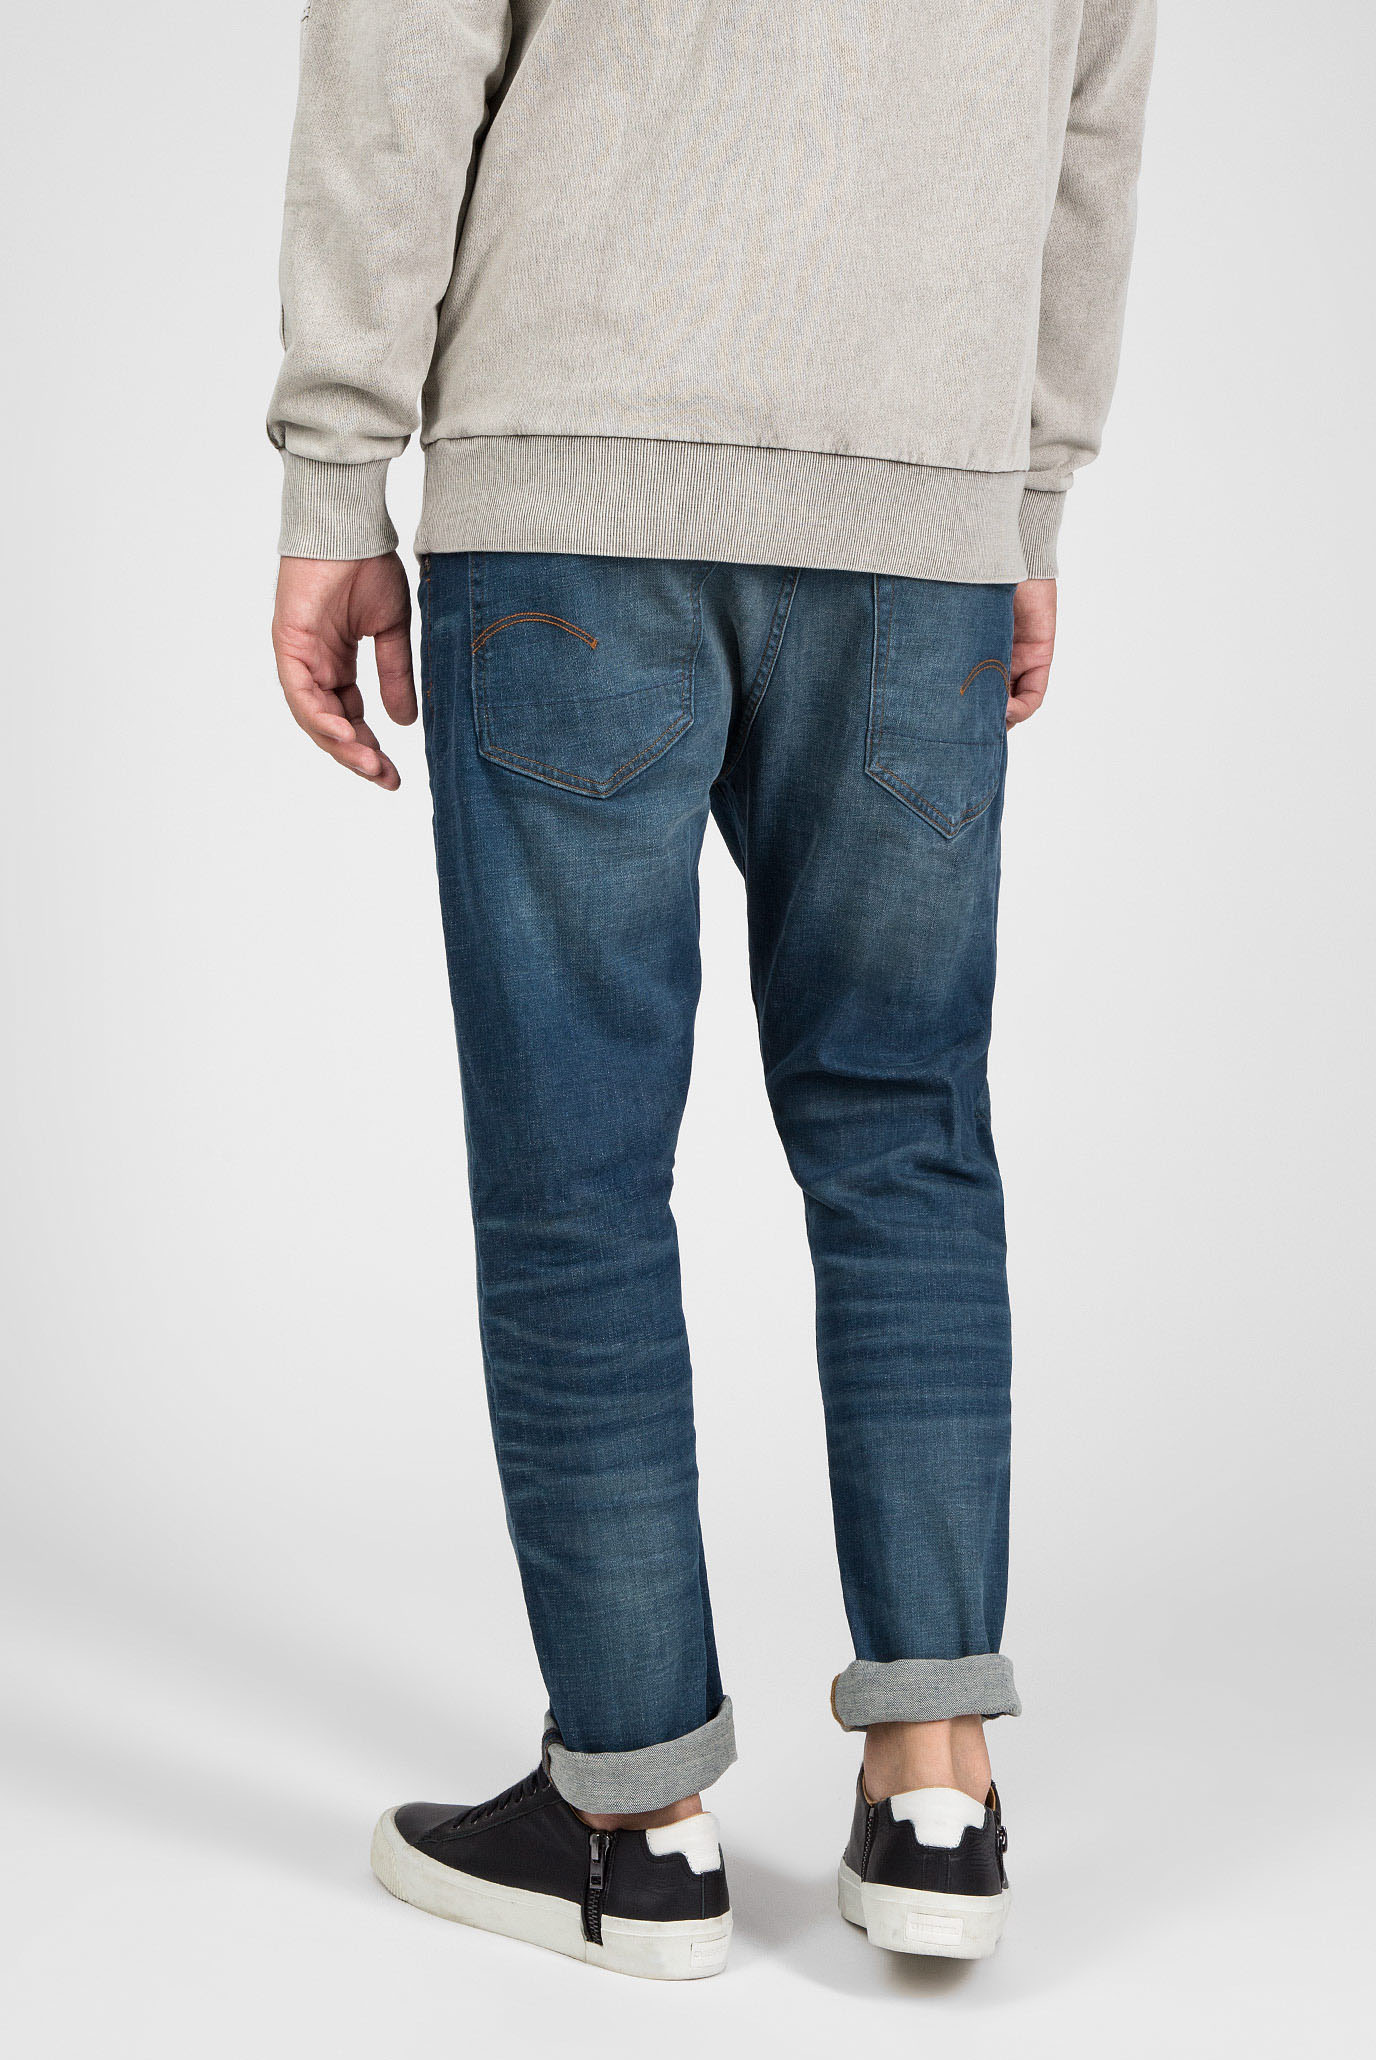 Купить Мужские синие джинсы Slim G-Star RAW G-Star RAW 51001,9118 – Киев, Украина. Цены в интернет магазине MD Fashion